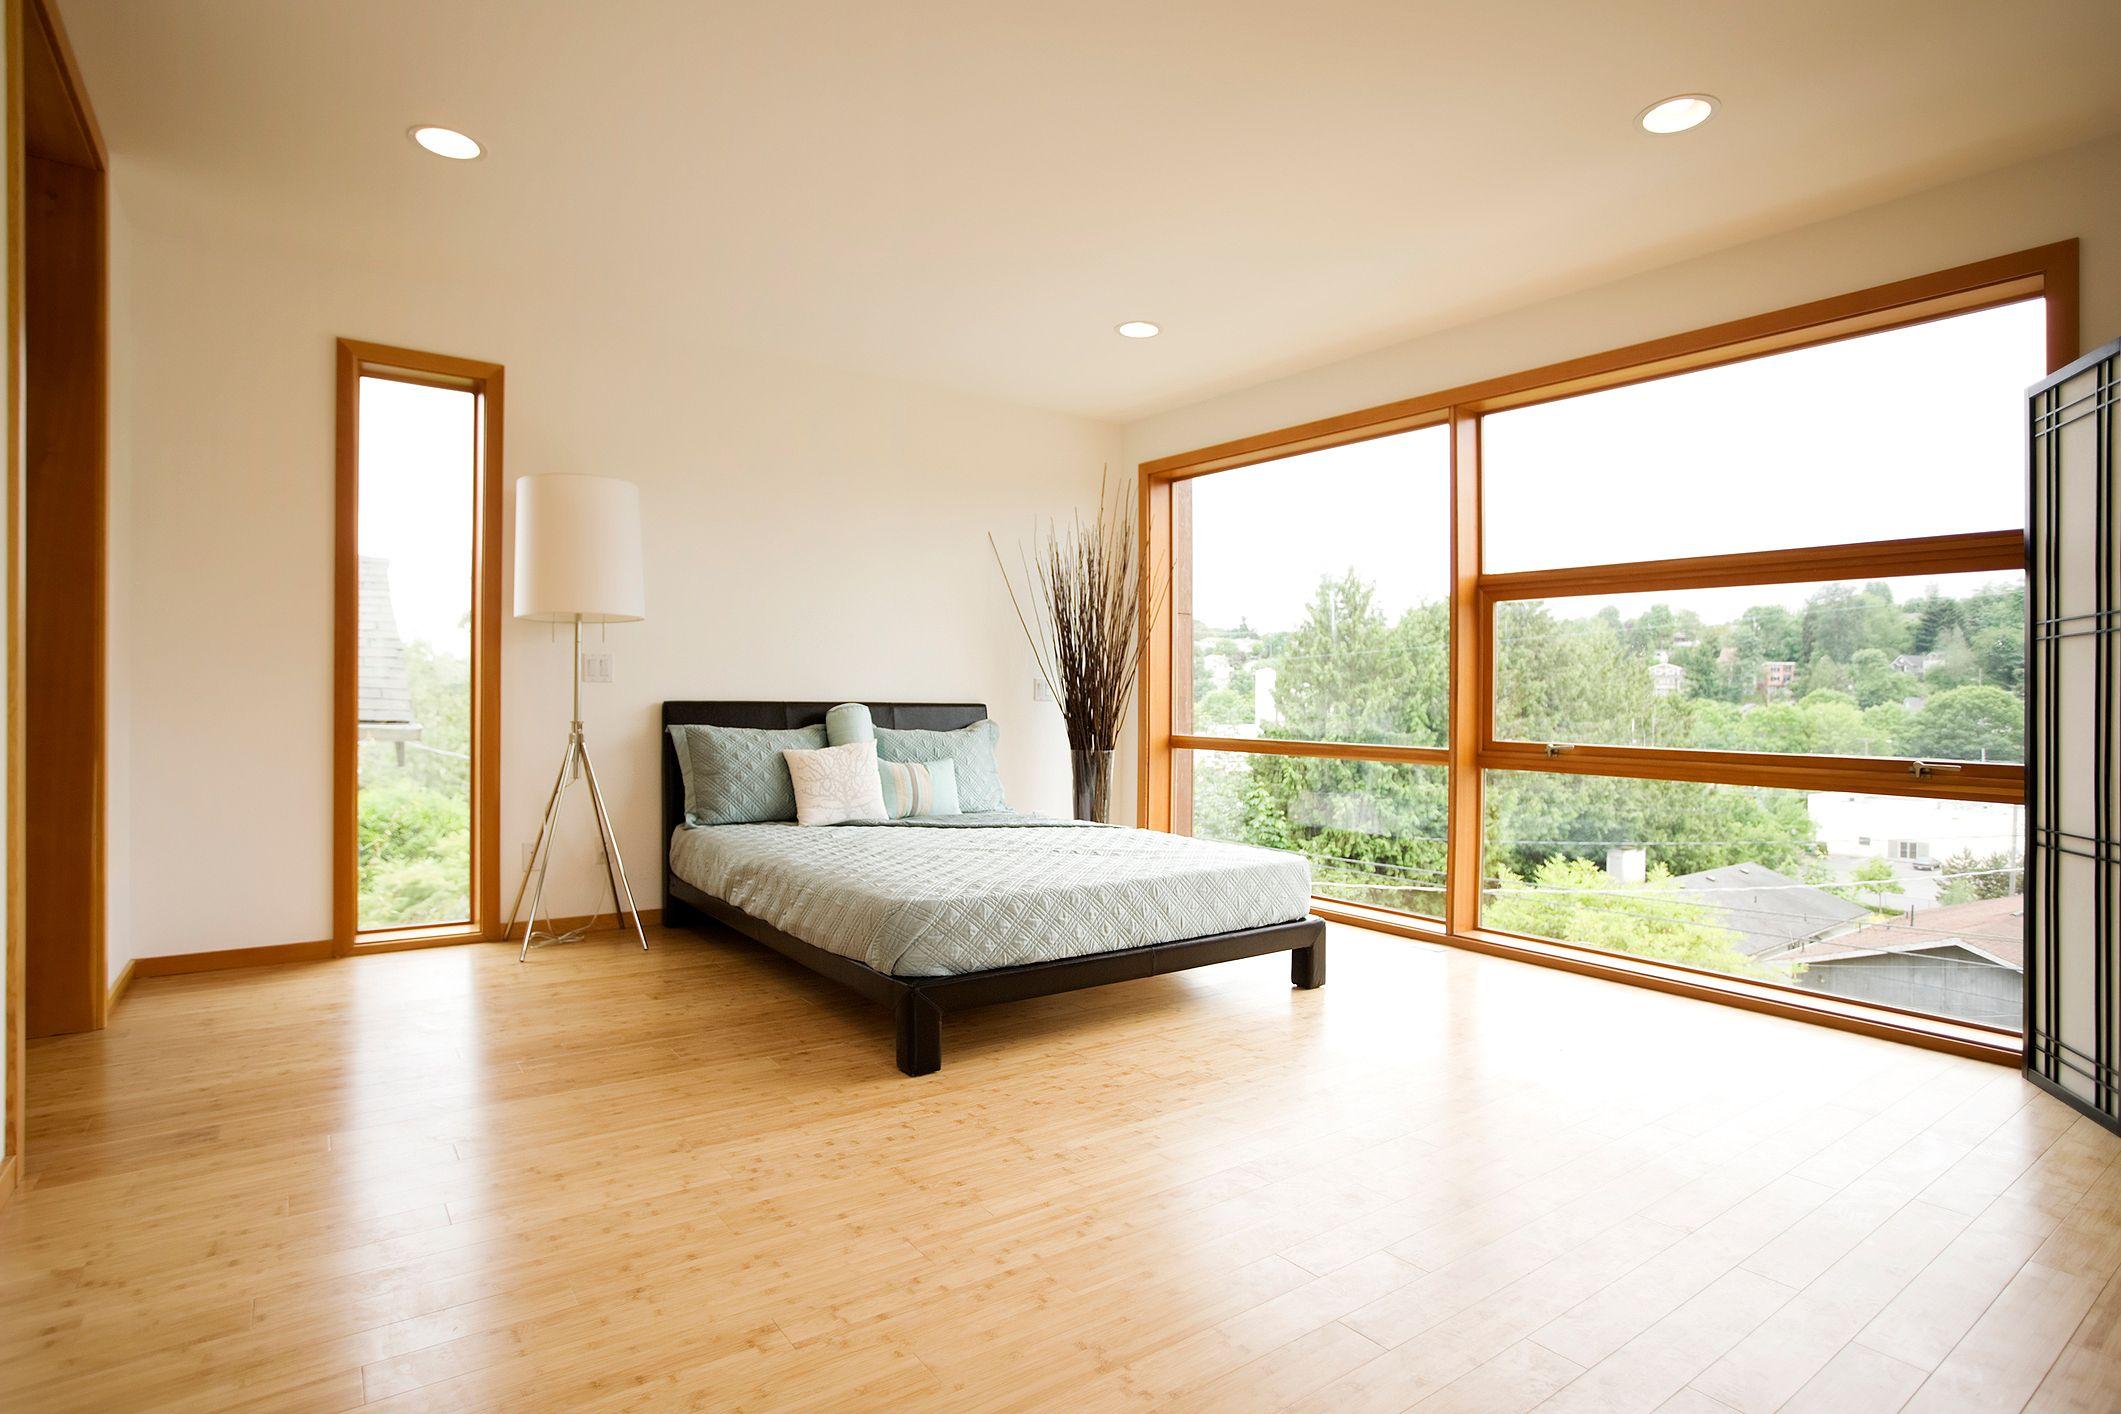 Пол в спальне: немаловажный элемент комфорта и уюта (24 фото)